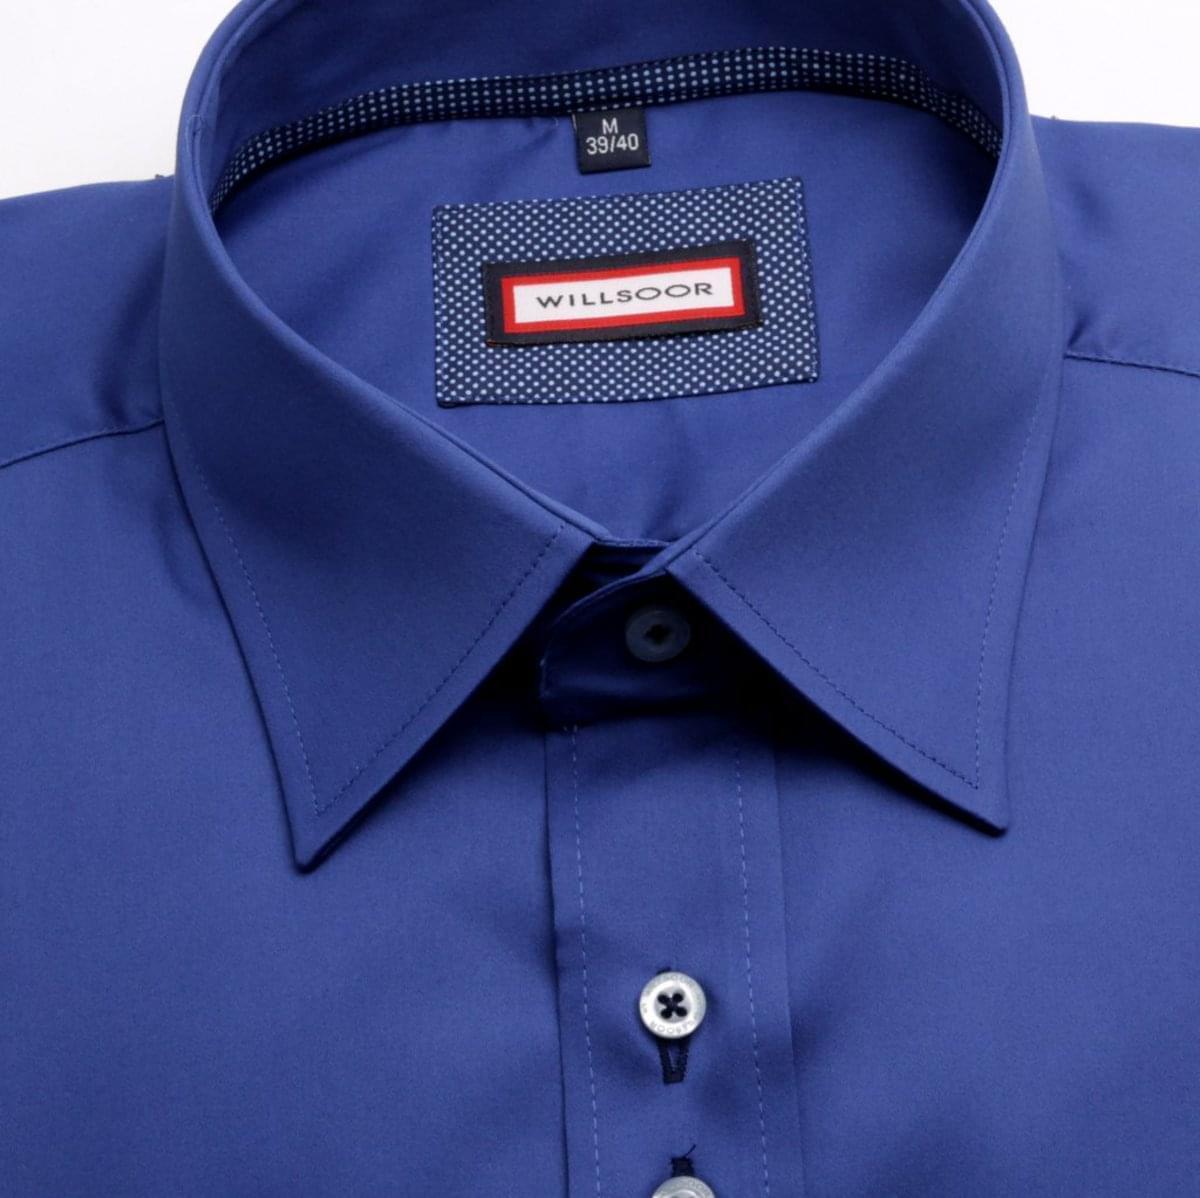 Košile WR Slim Fit (výška 176-182) 4454 176-182 / XL (43/44)